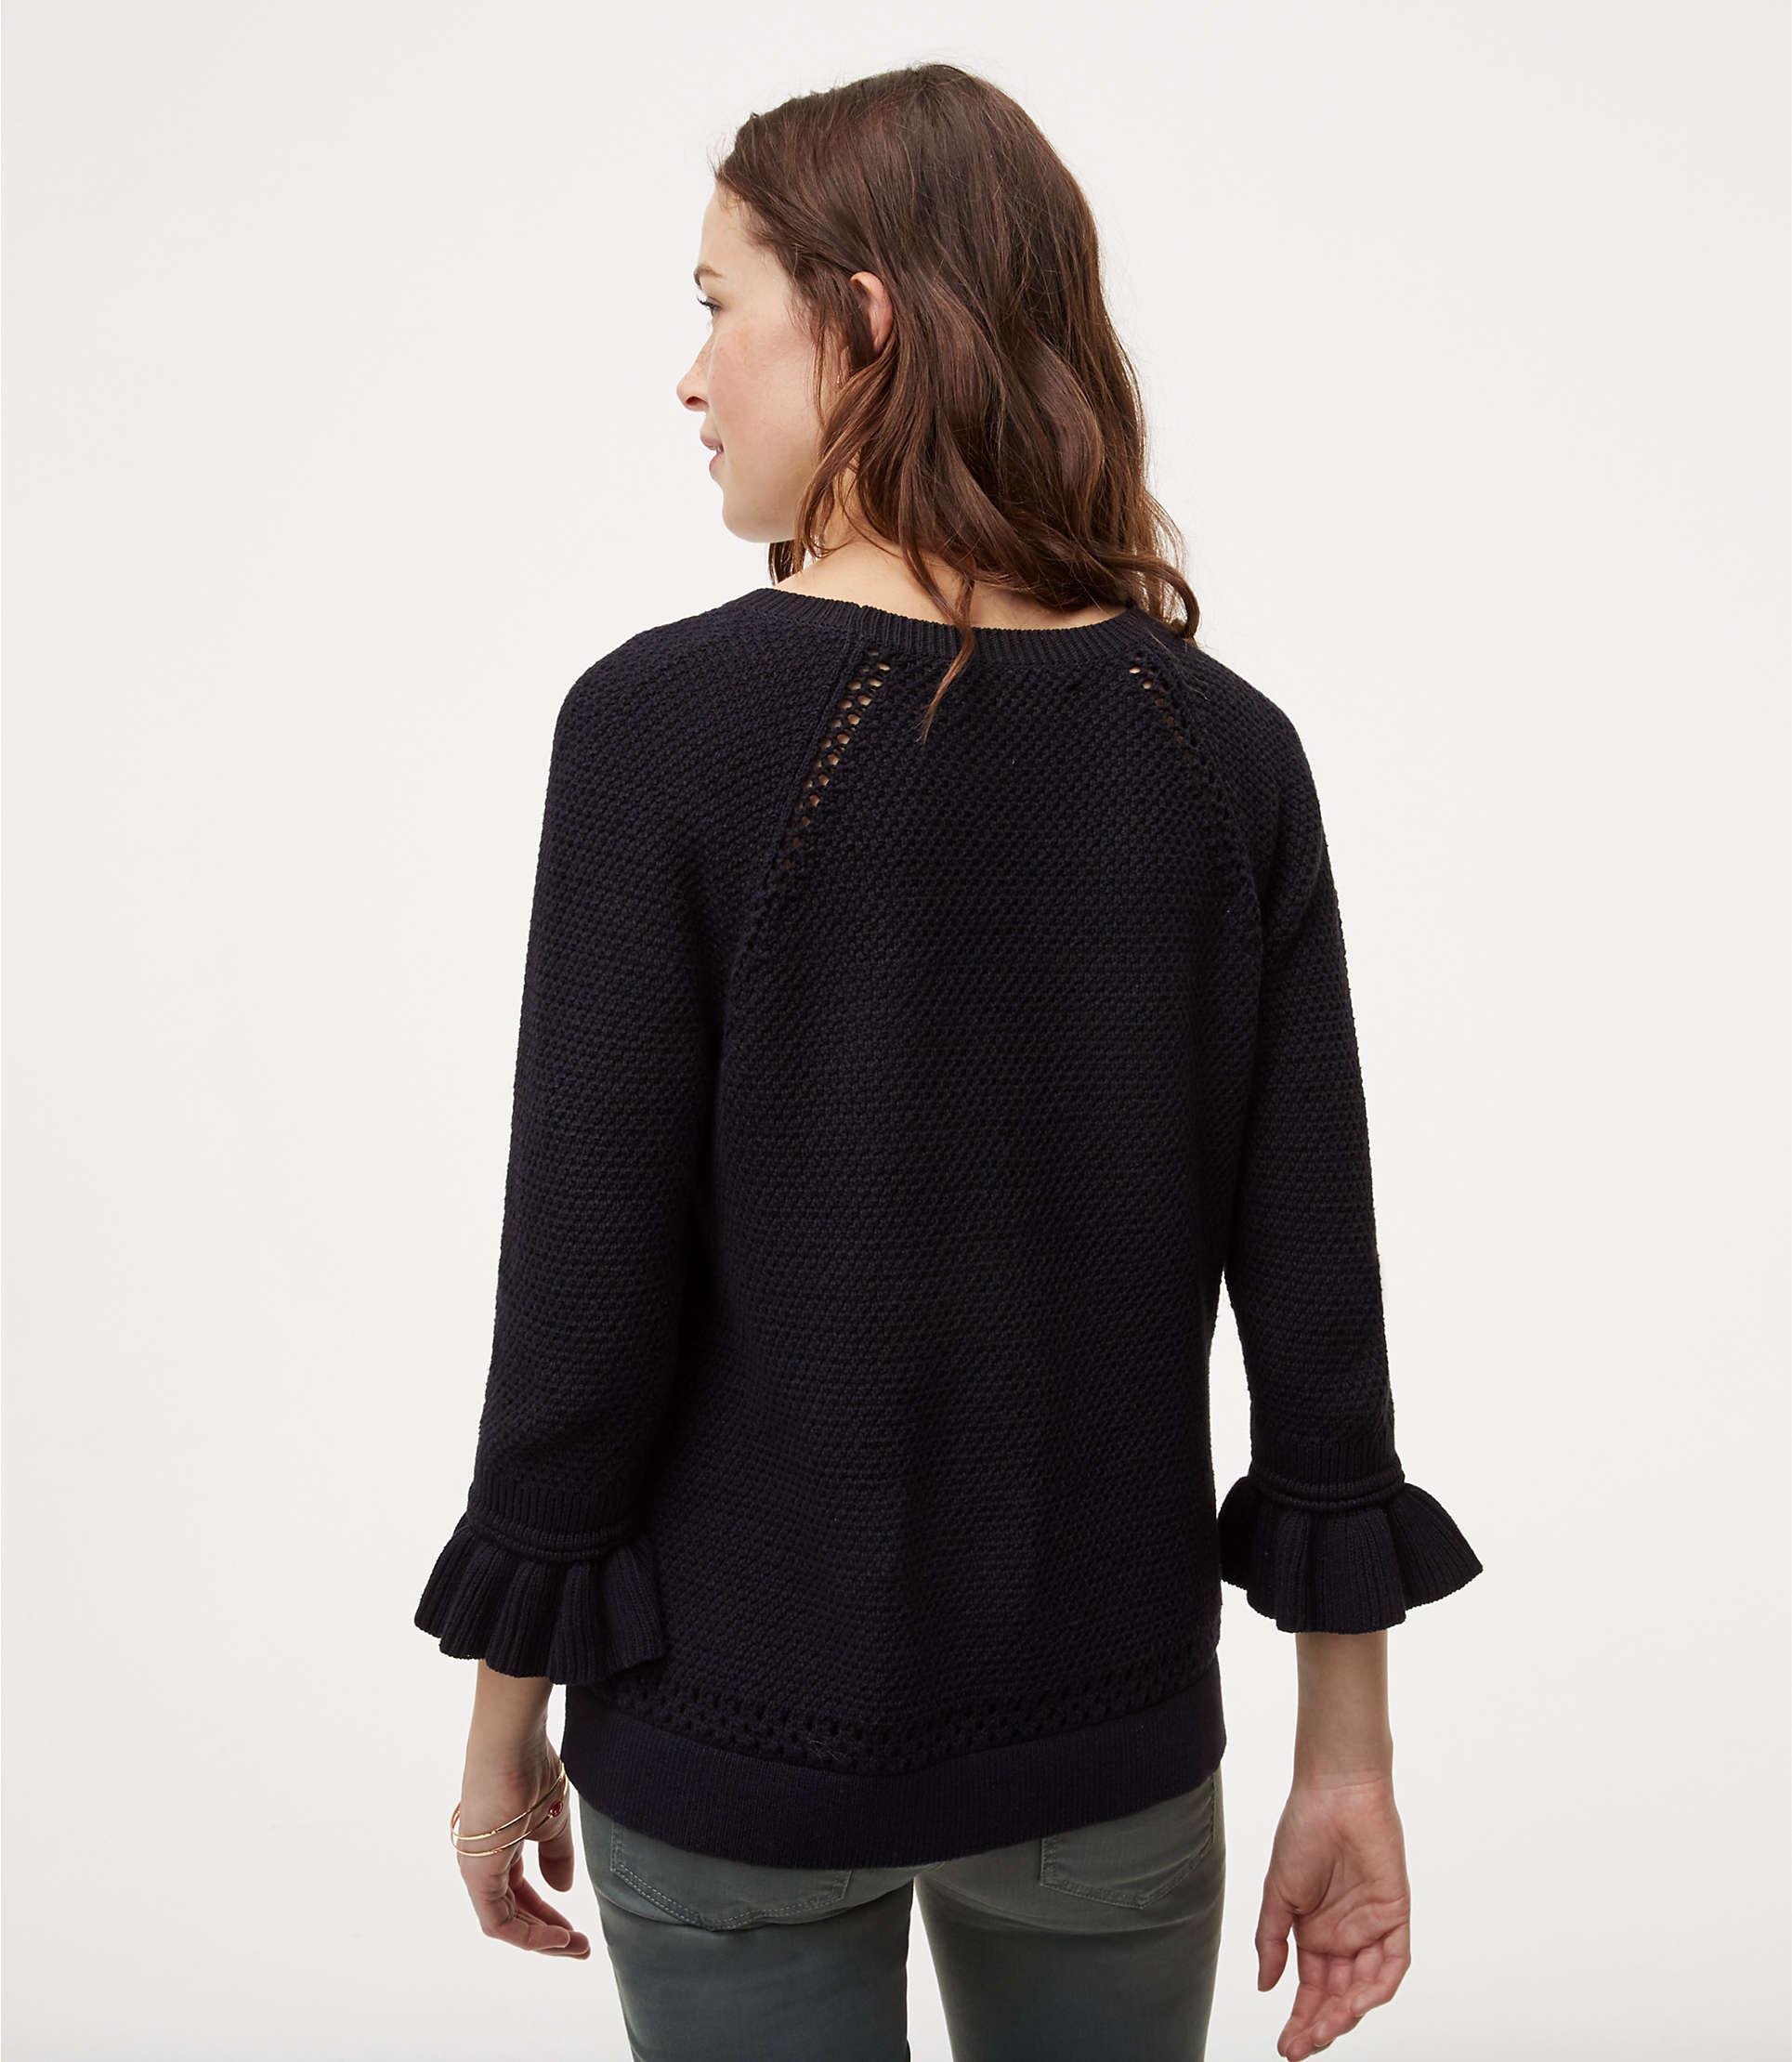 Cuffed Sweaters: LOFT Cotton Ruffle Cuff Sweater In Black